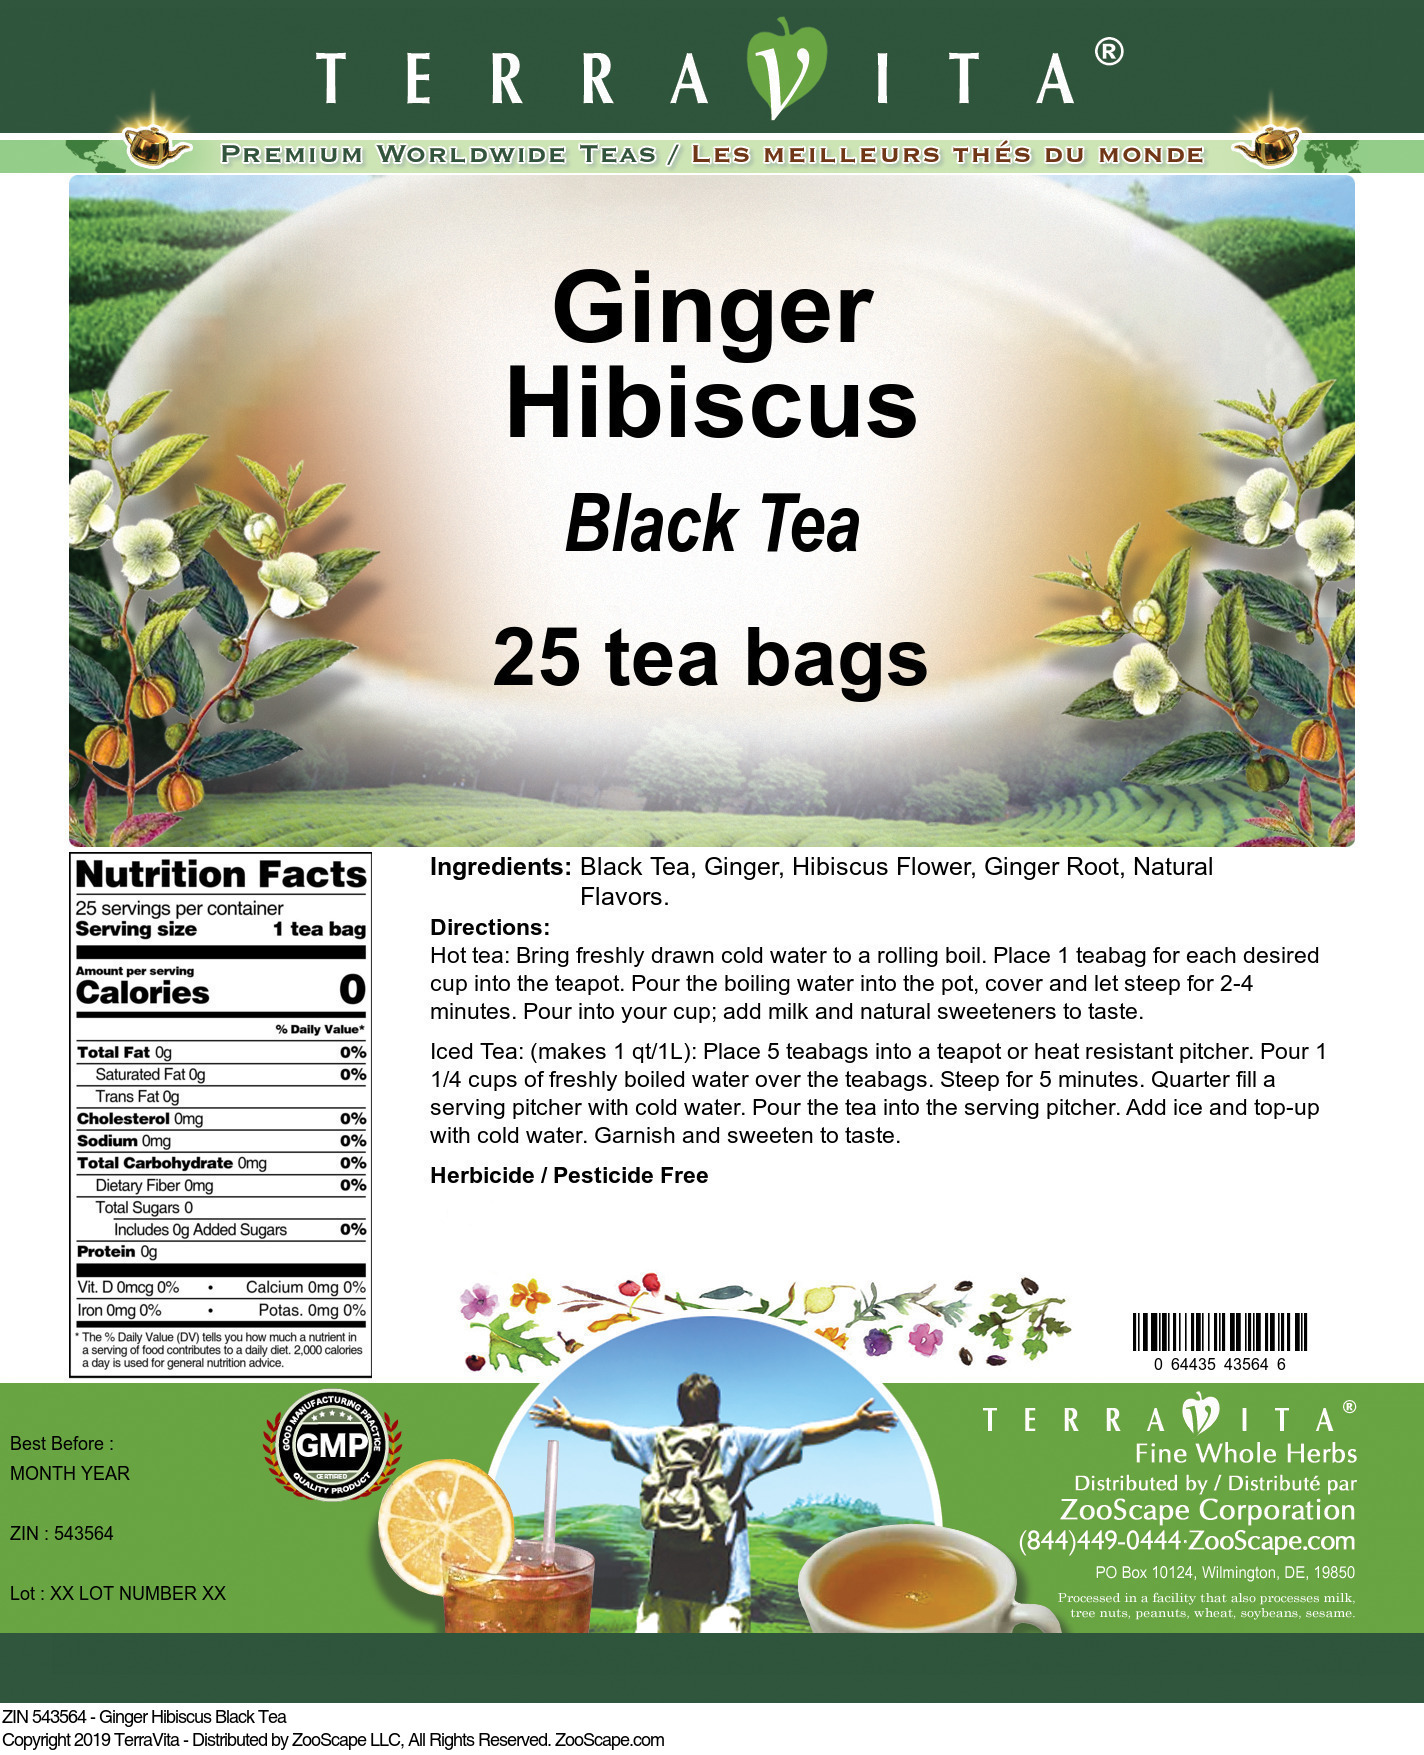 Ginger Hibiscus Black Tea